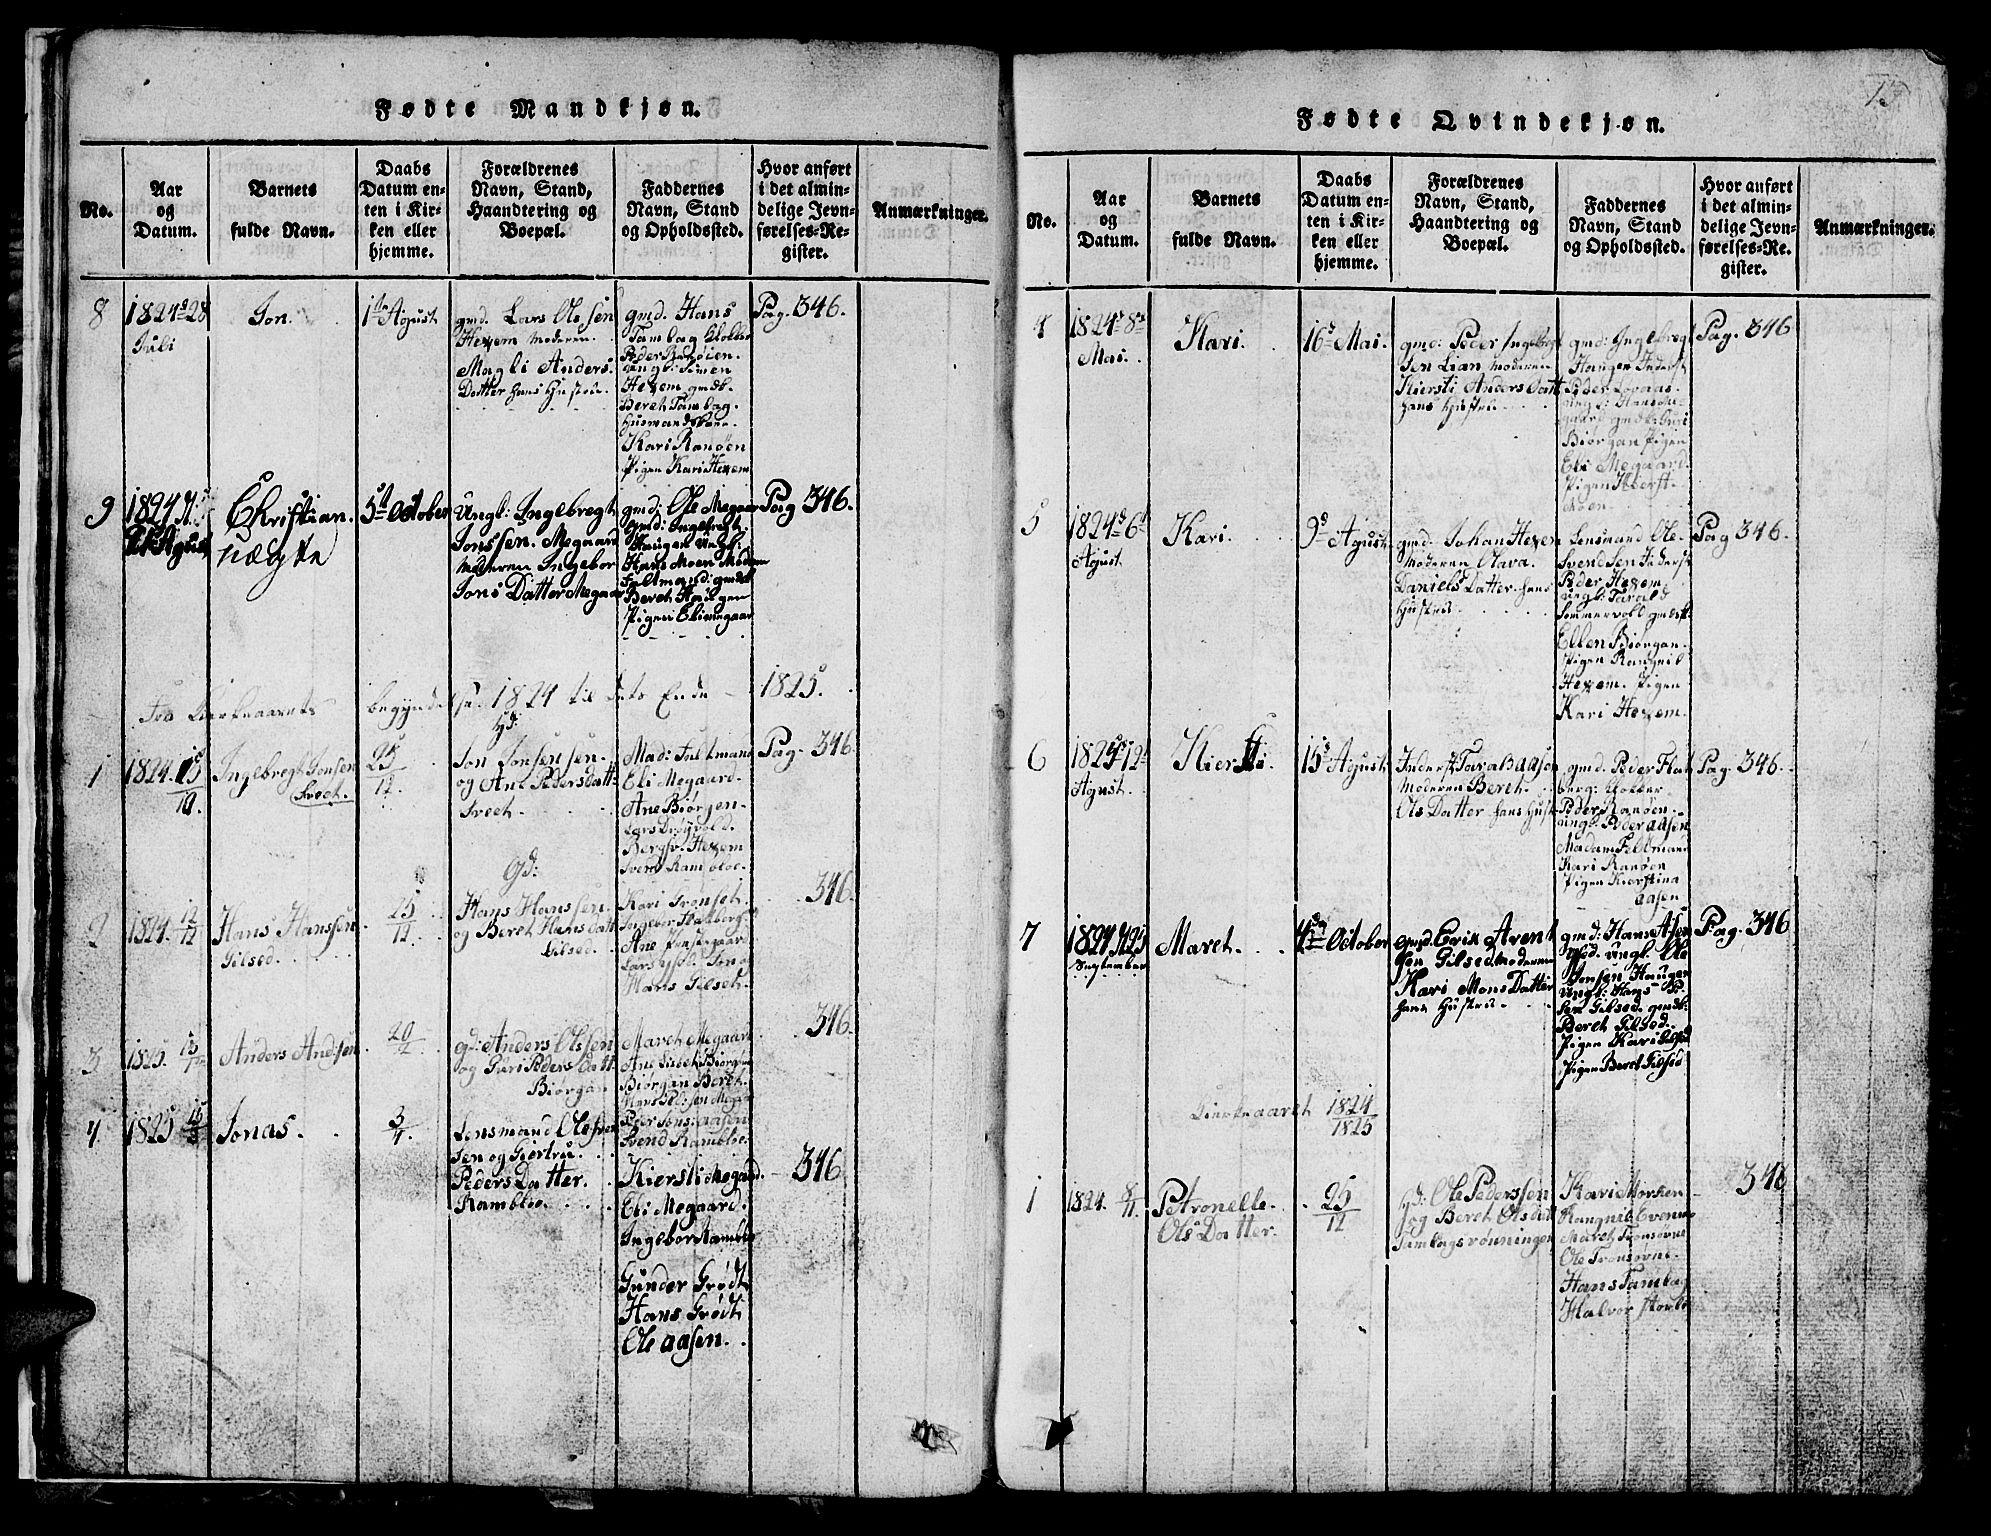 SAT, Ministerialprotokoller, klokkerbøker og fødselsregistre - Sør-Trøndelag, 685/L0976: Klokkerbok nr. 685C01, 1817-1878, s. 13